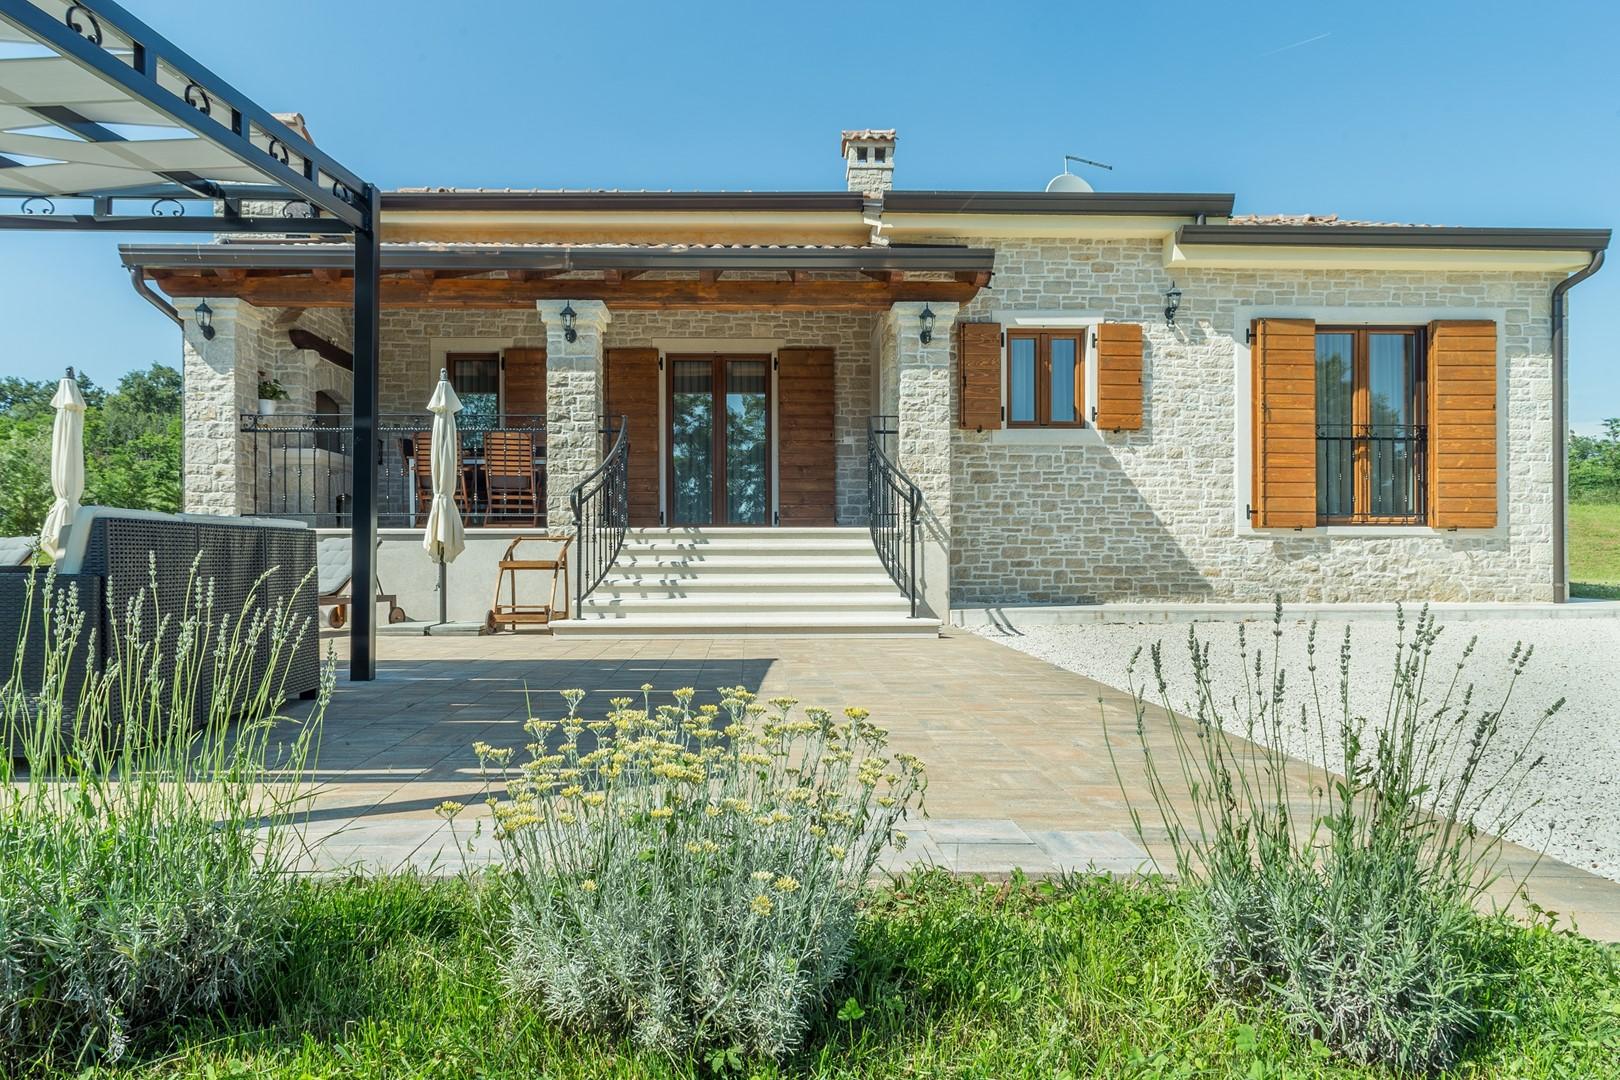 Ferienhaus Villa Elida mit Pool in abgelegene Lage - Zentral-Istrien (2789996), Pazin, , Istrien, Kroatien, Bild 31